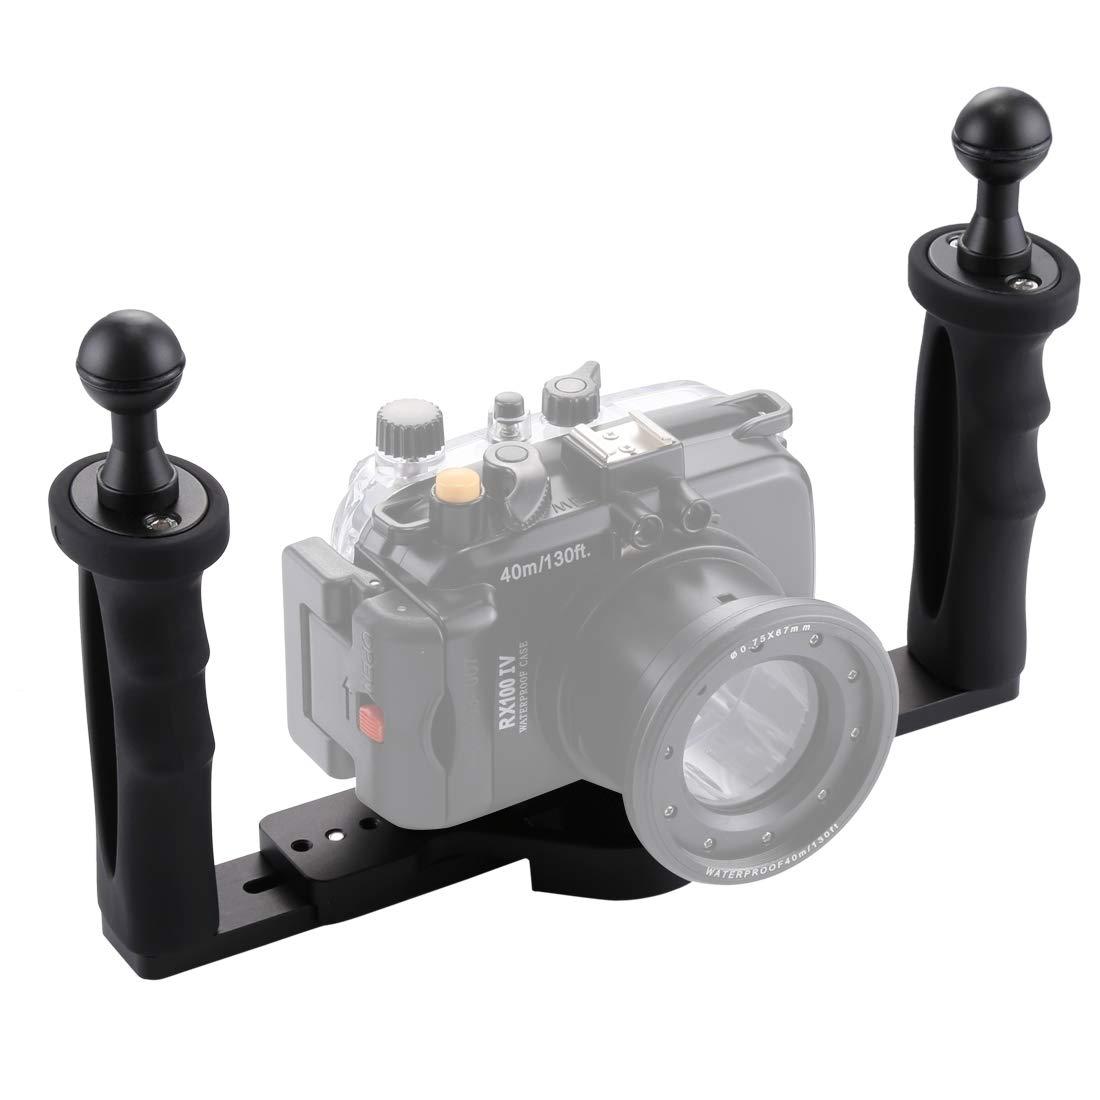 デュアルハンドルアルミトレイスタビライザー 水中カメラハウジング用   B07MTCNW8D